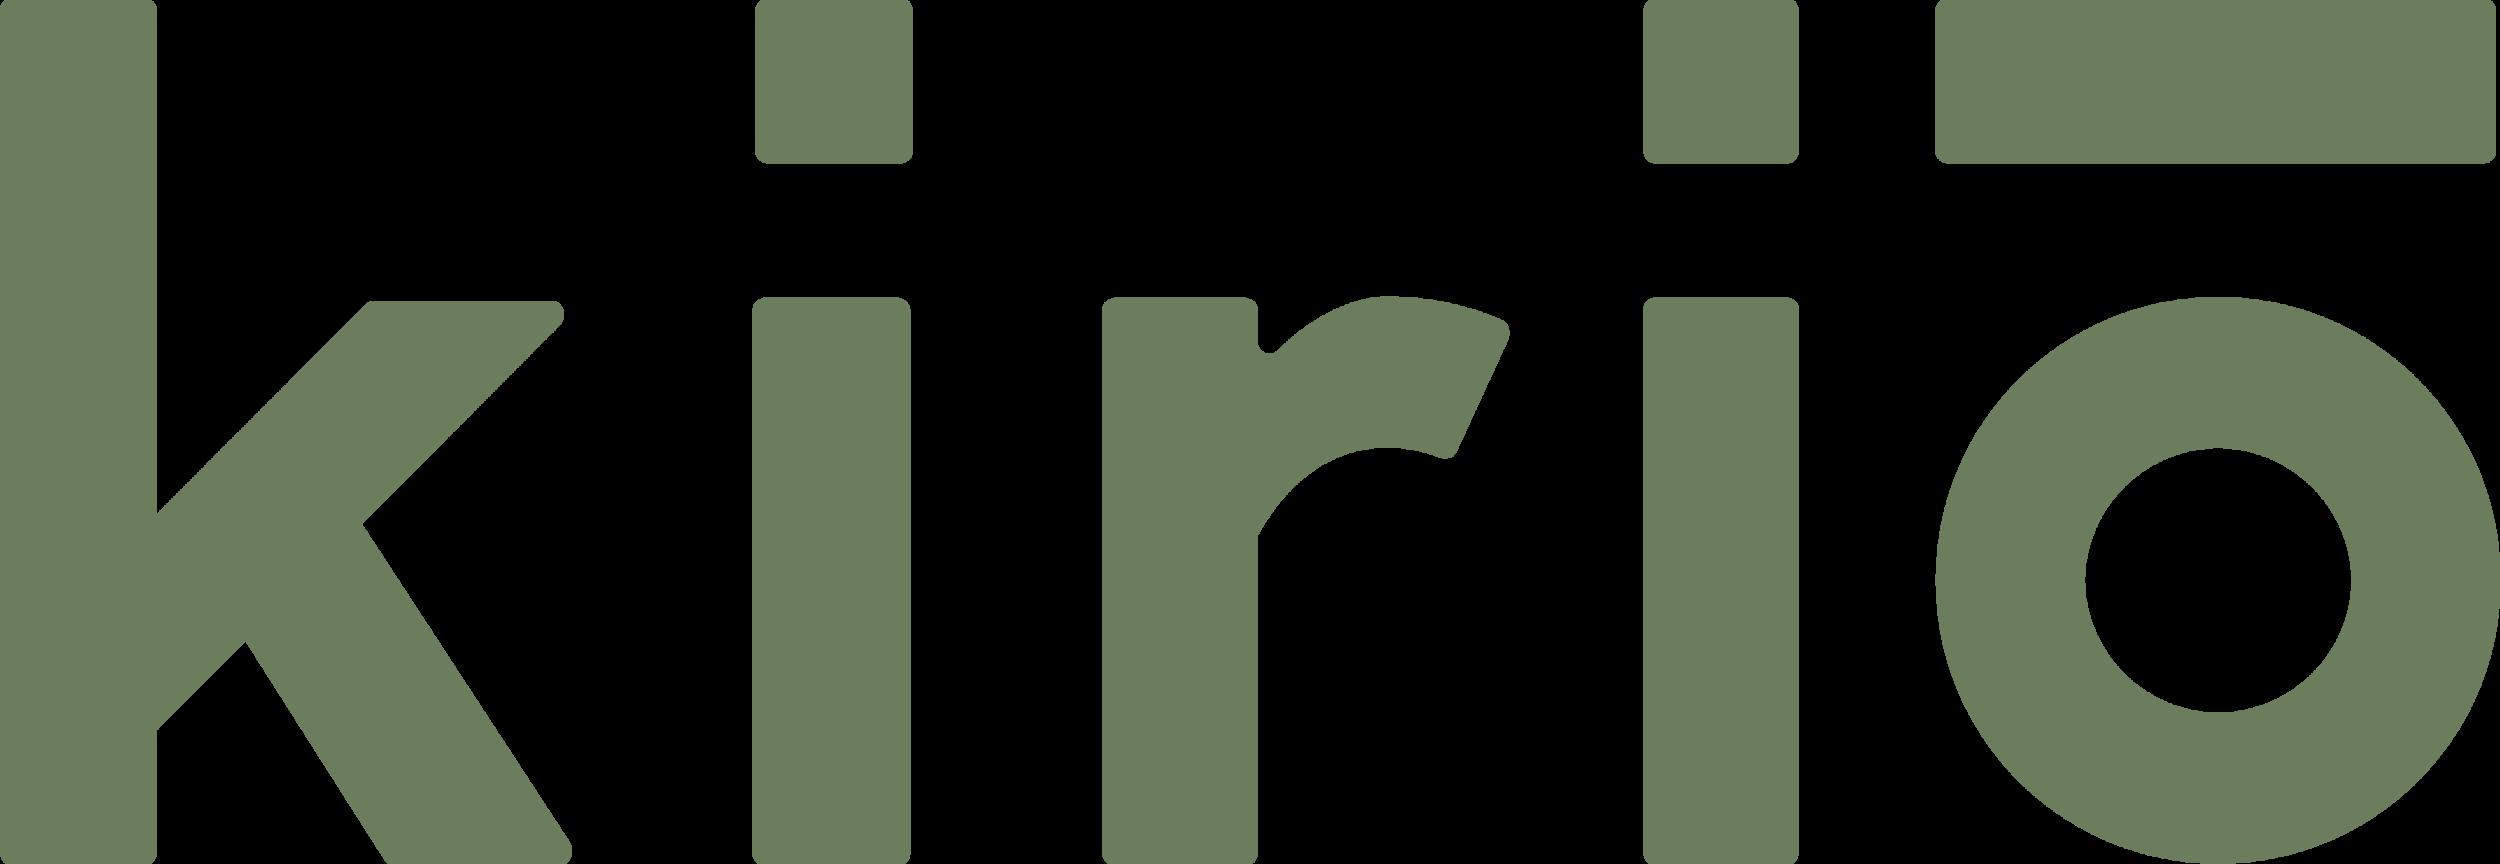 Kirio_logo_-_Green.png